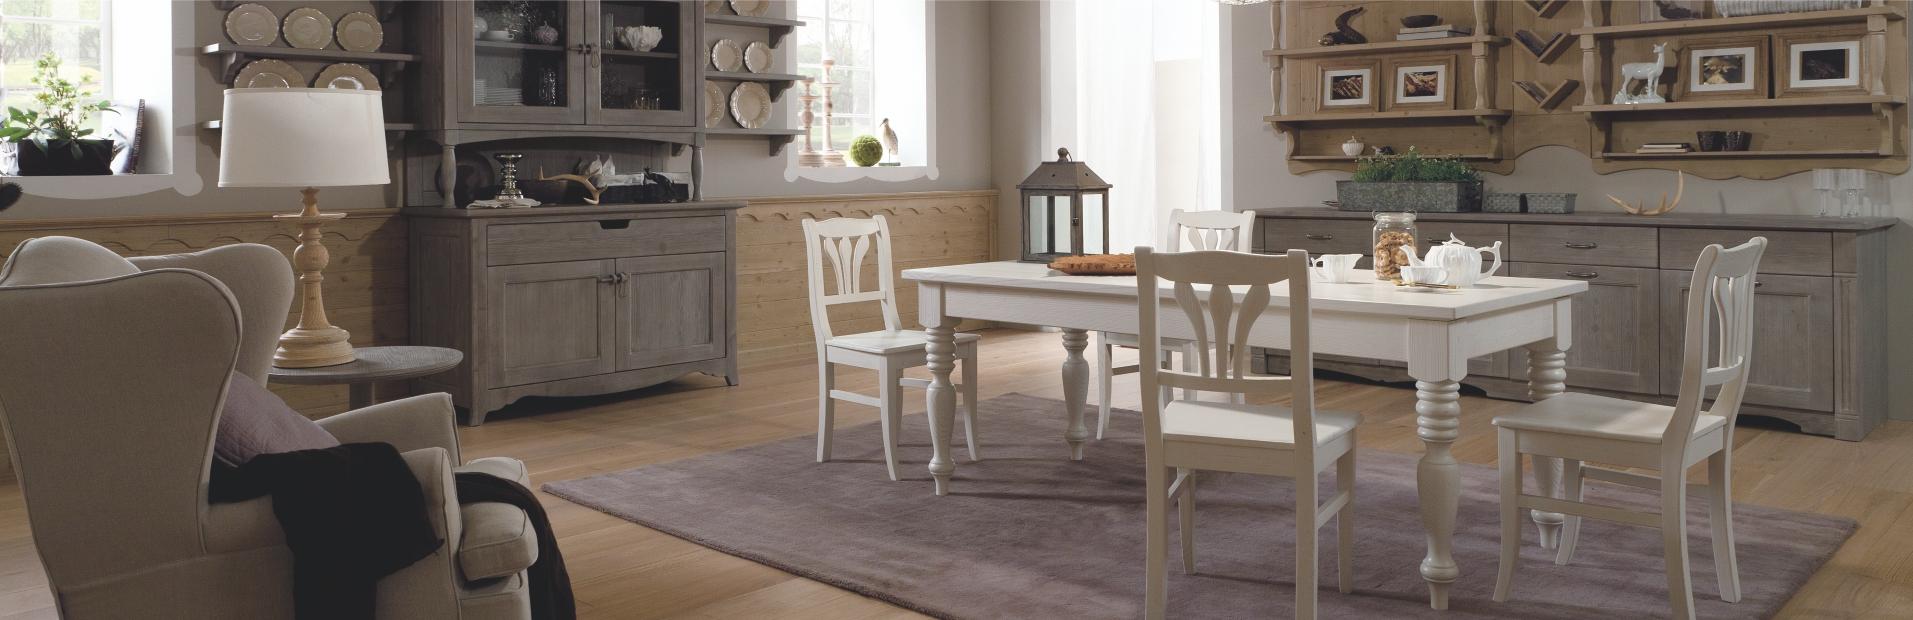 Tavoli in vero legno